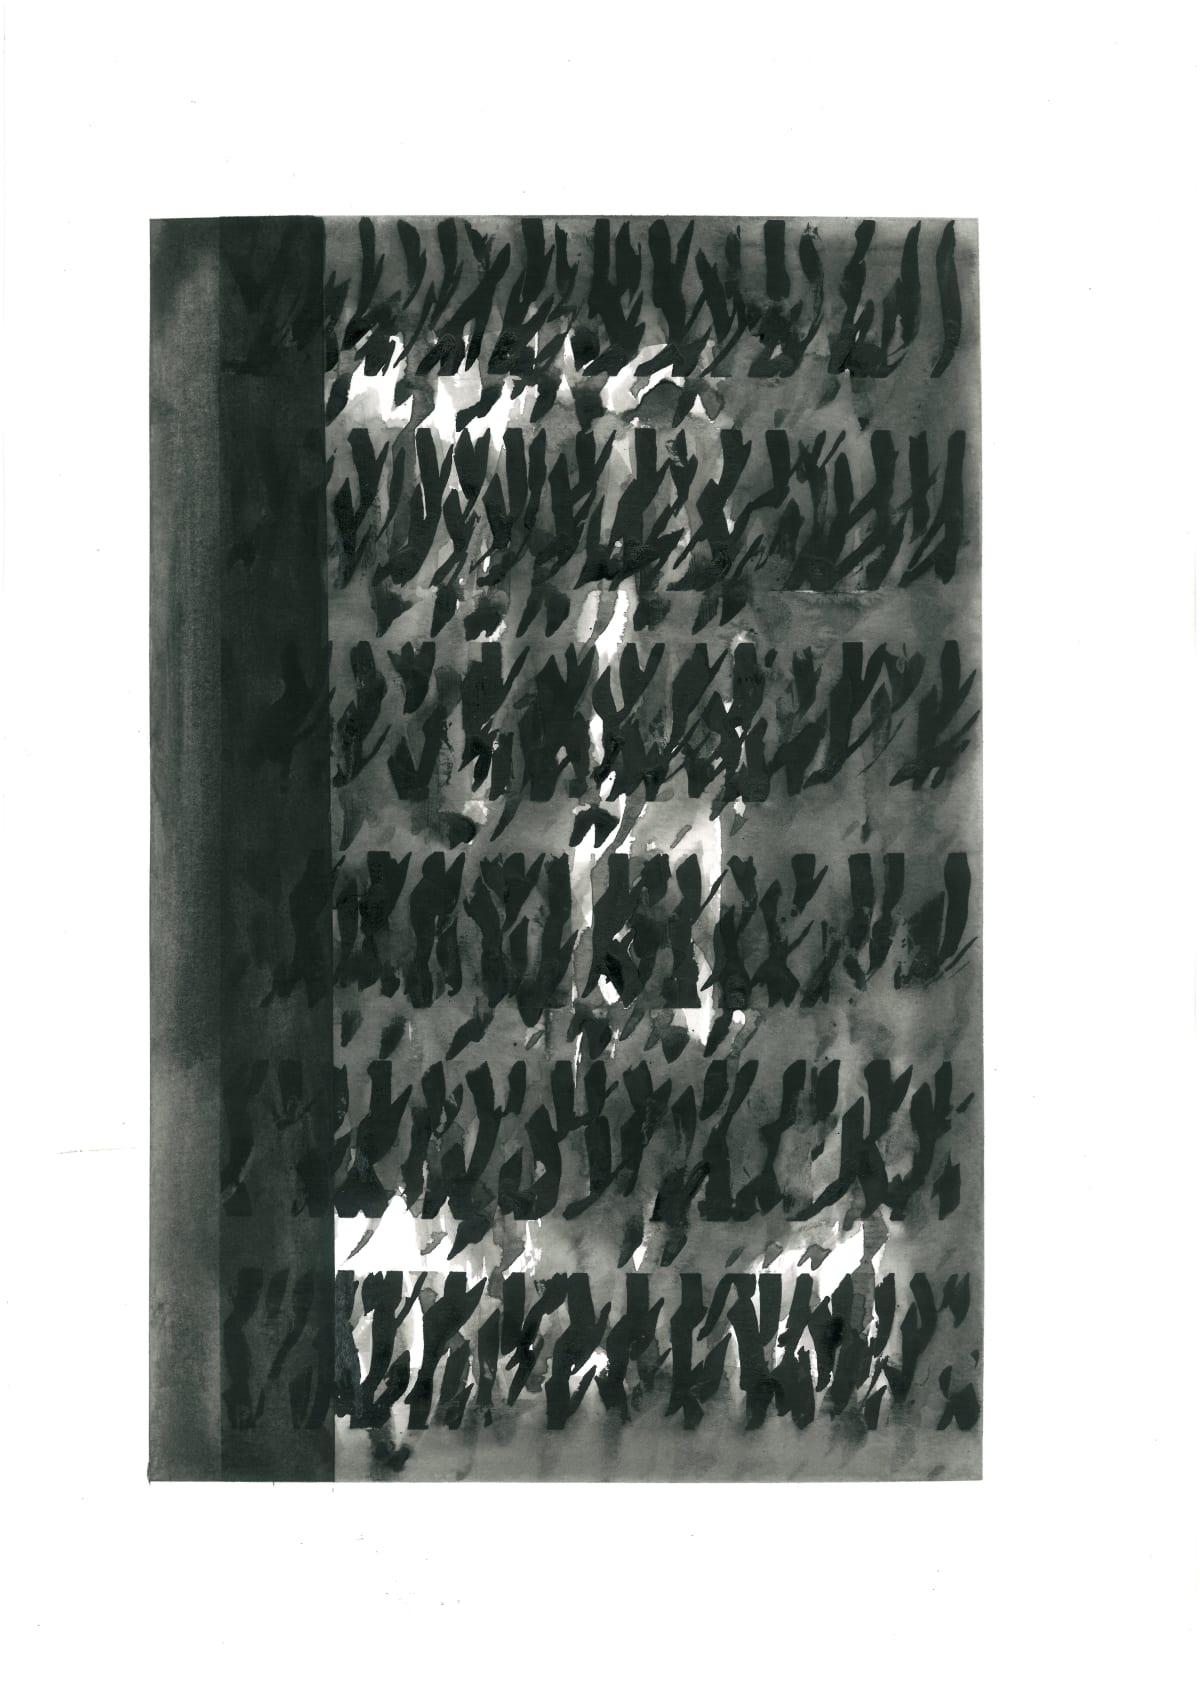 Mohammad Ali Talpur b. 1976Untitled (7), 2020 Ink on paper 42 x 29 cm 16 1/2 x 11 7/16 in